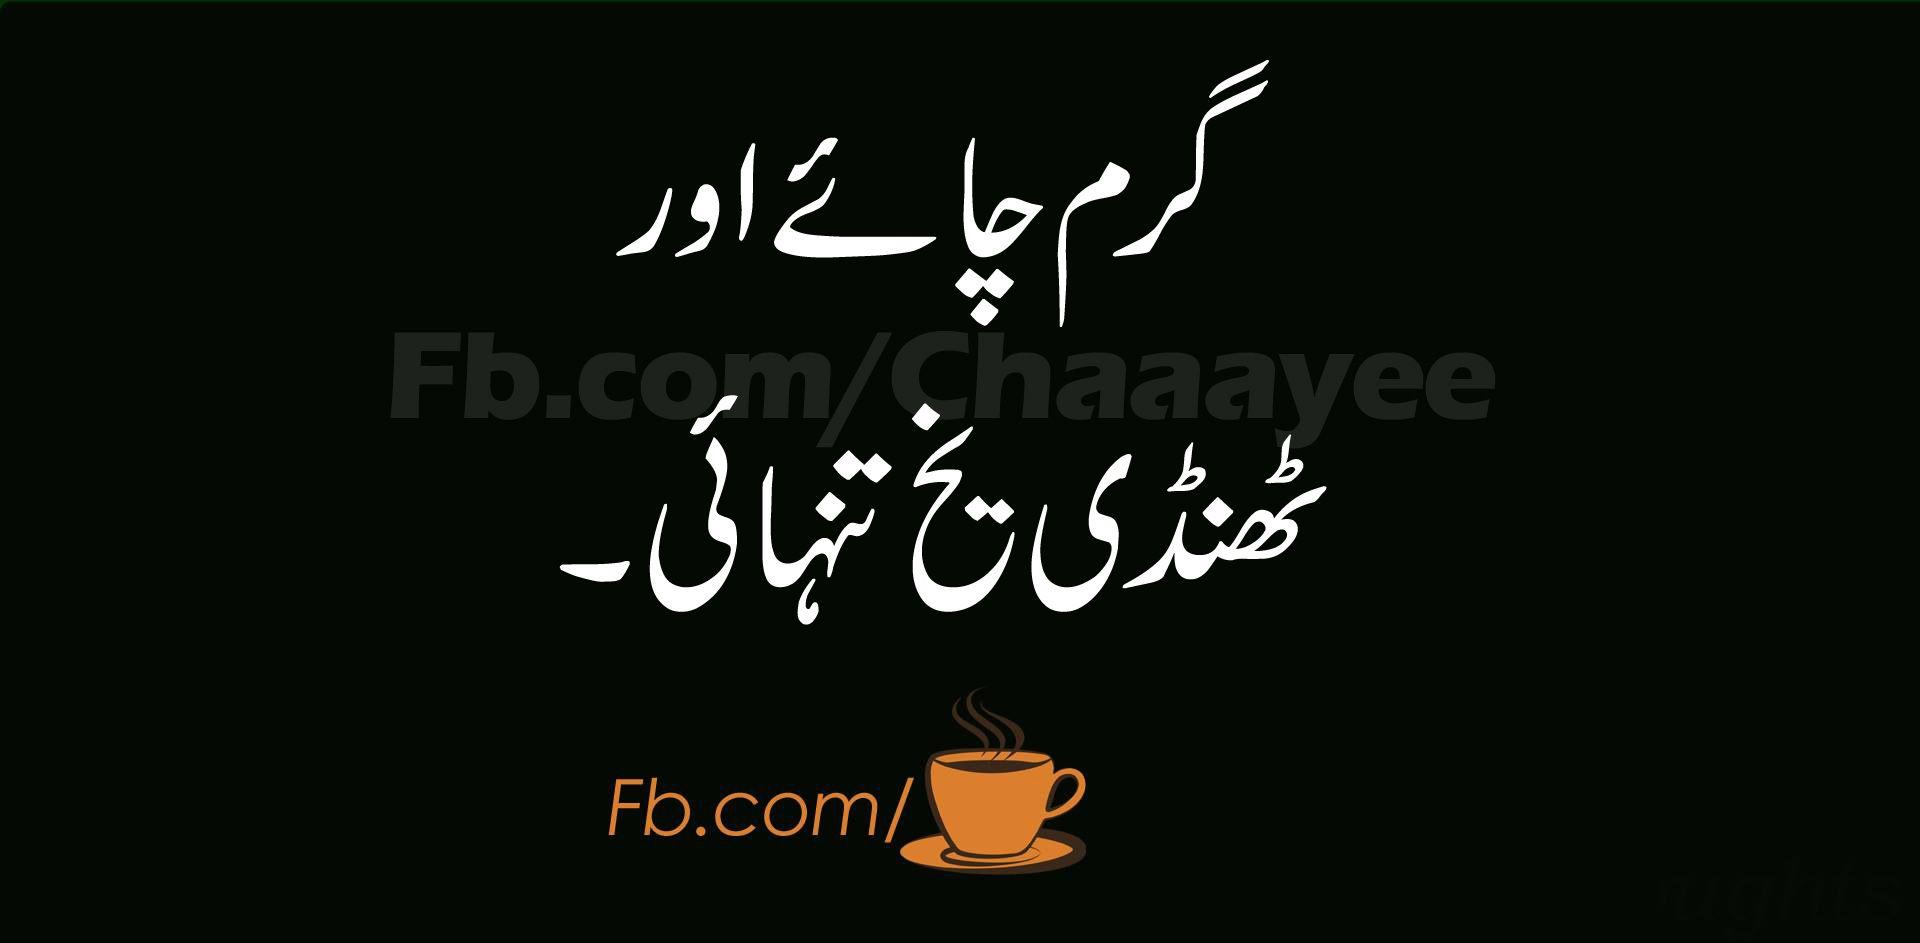 #Chaaayee #Tea #quotes #Urdu #چائےوالا #چائے http://Fb.com ...